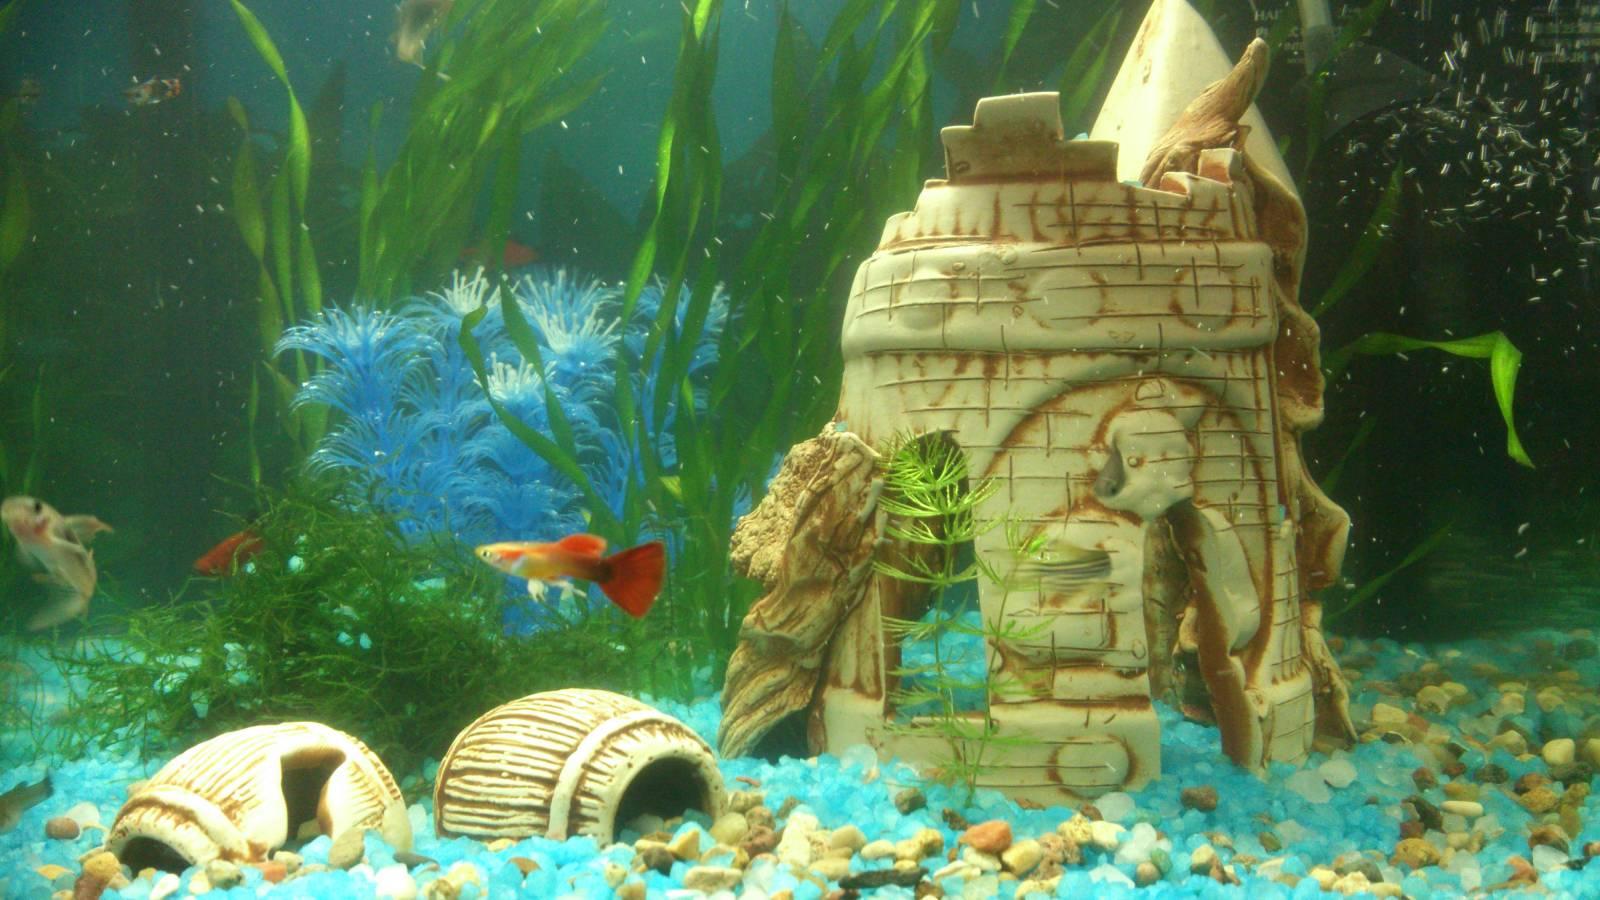 Анимационные обои для рабочего стола рыбки